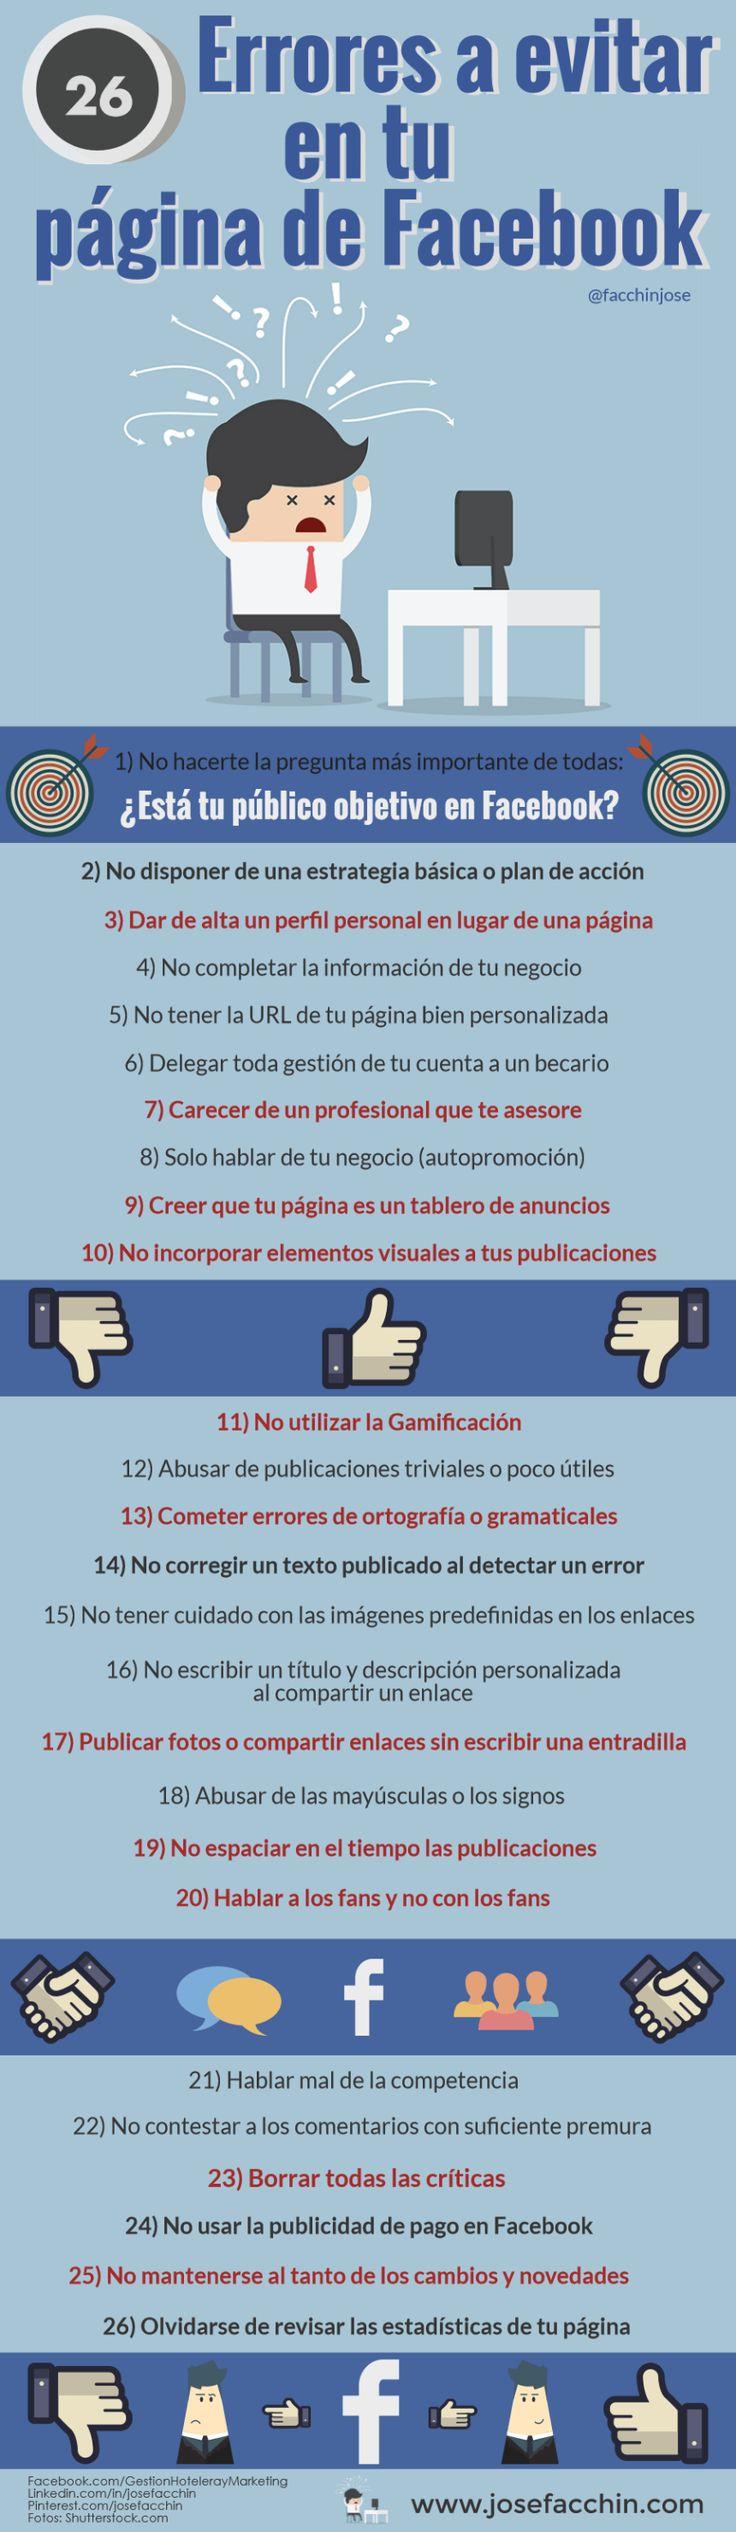 26errores a evitar en tu facebook